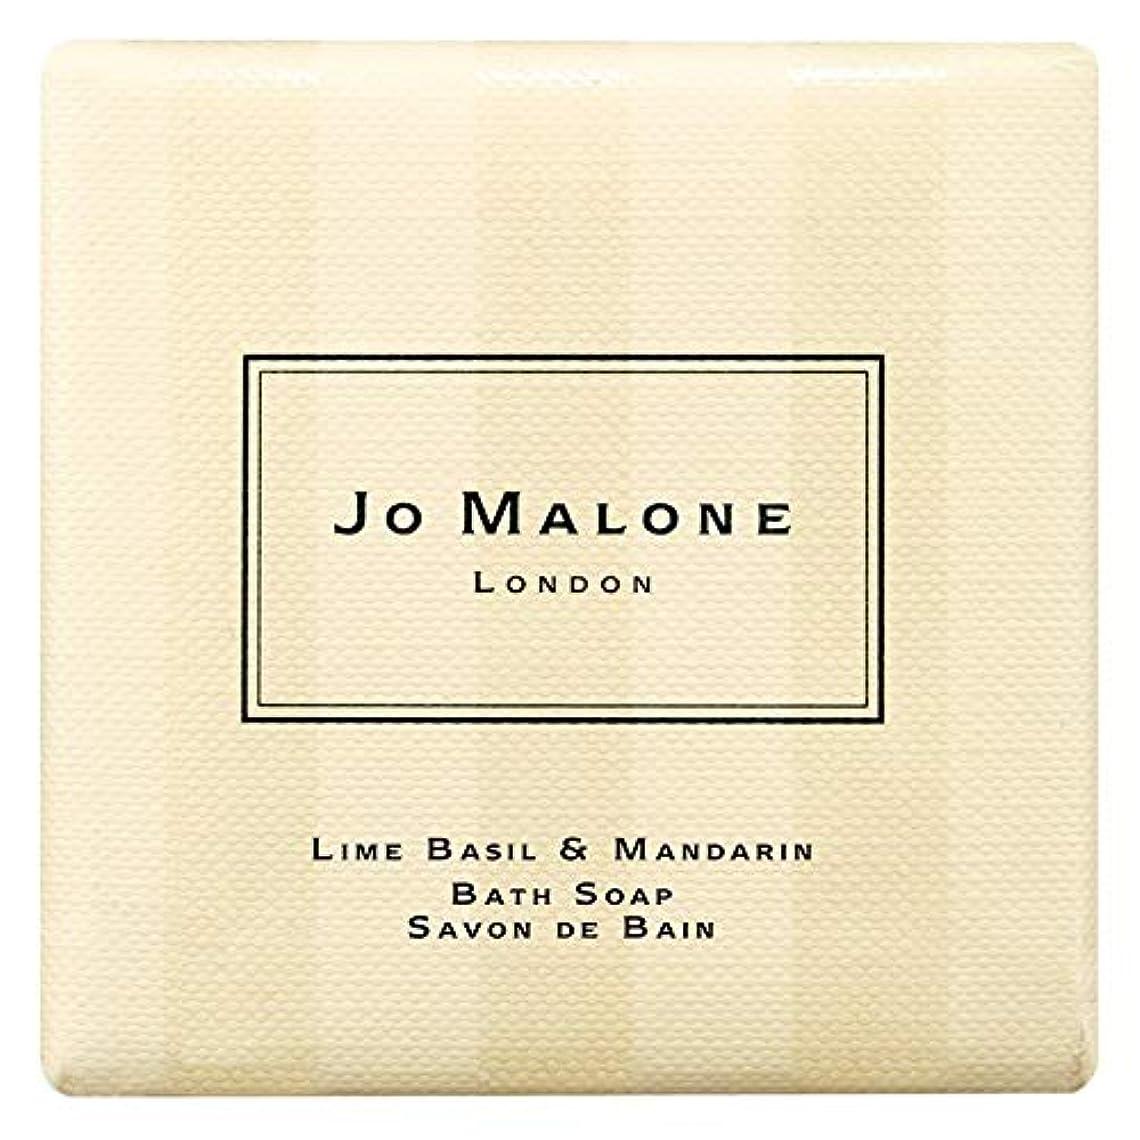 器具スワップ知り合いになる[Jo Malone] ジョーマローンロンドンライムバジル&マンダリンお風呂の石鹸100グラム - Jo Malone London Lime Basil & Mandarin Bath Soap 100g [並行輸入品]